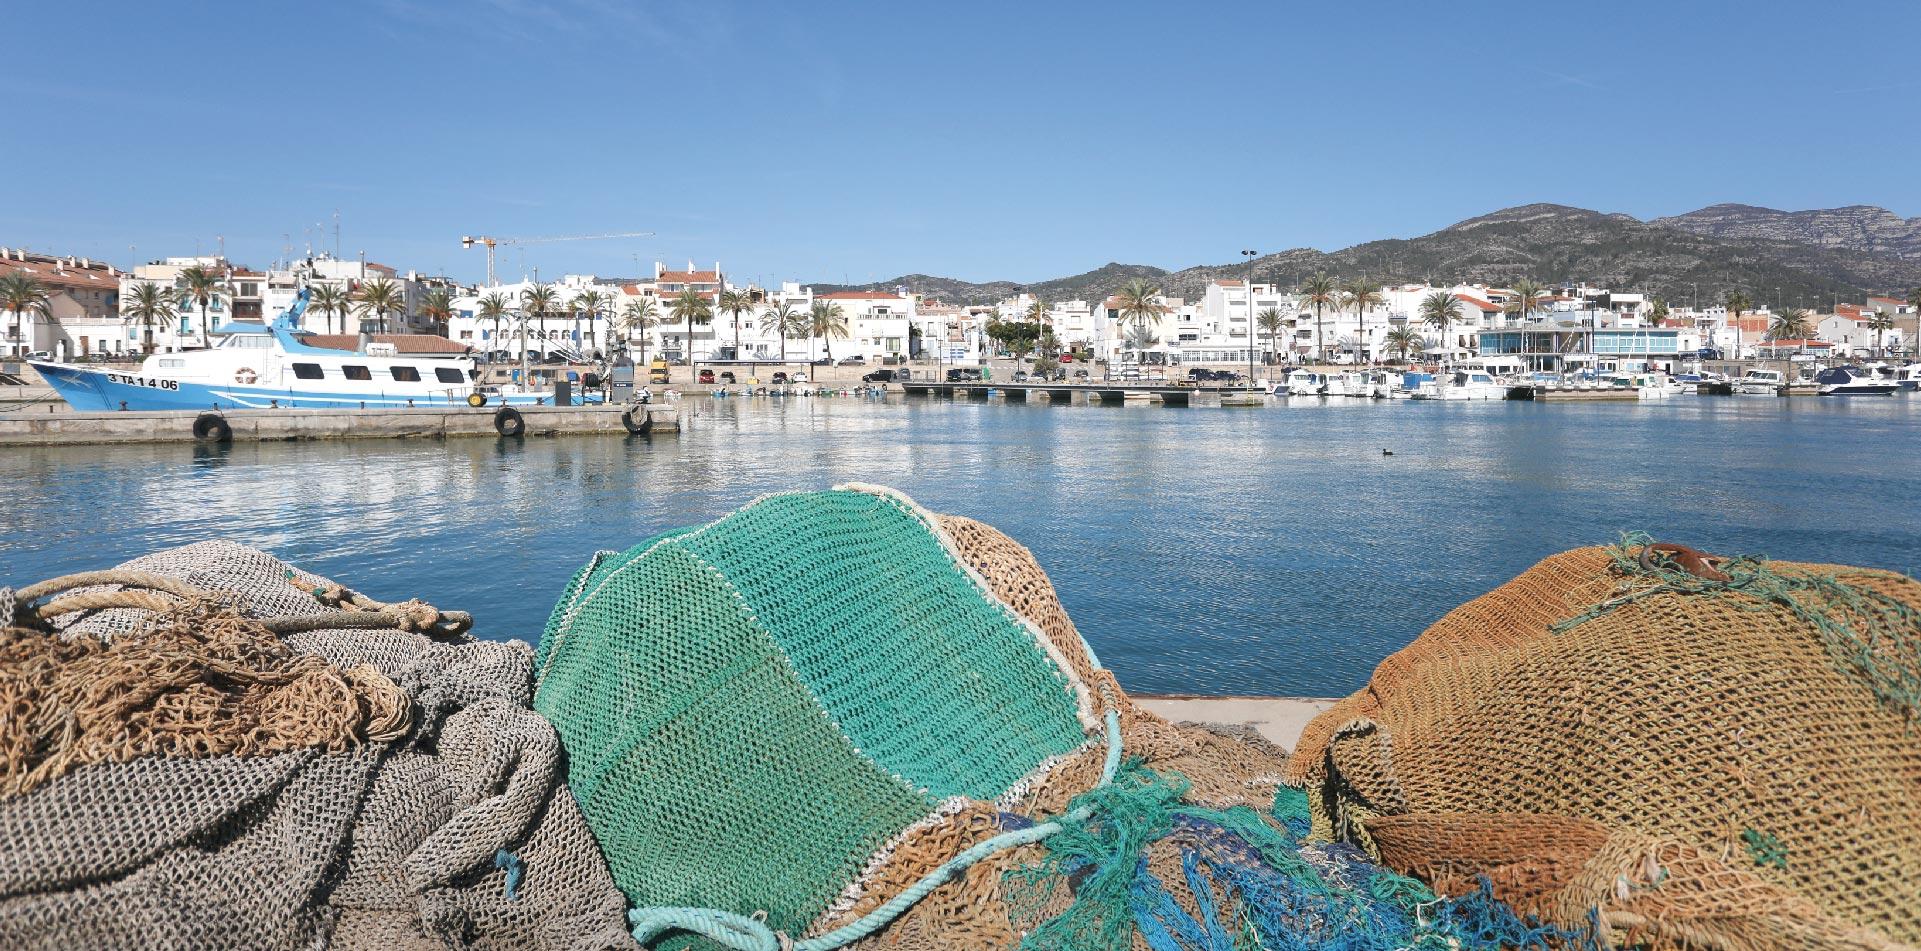 L'Ajuntament d'Alcanar accelera el pagament de prop de mig milió d'euros a proveïdors i subvencions